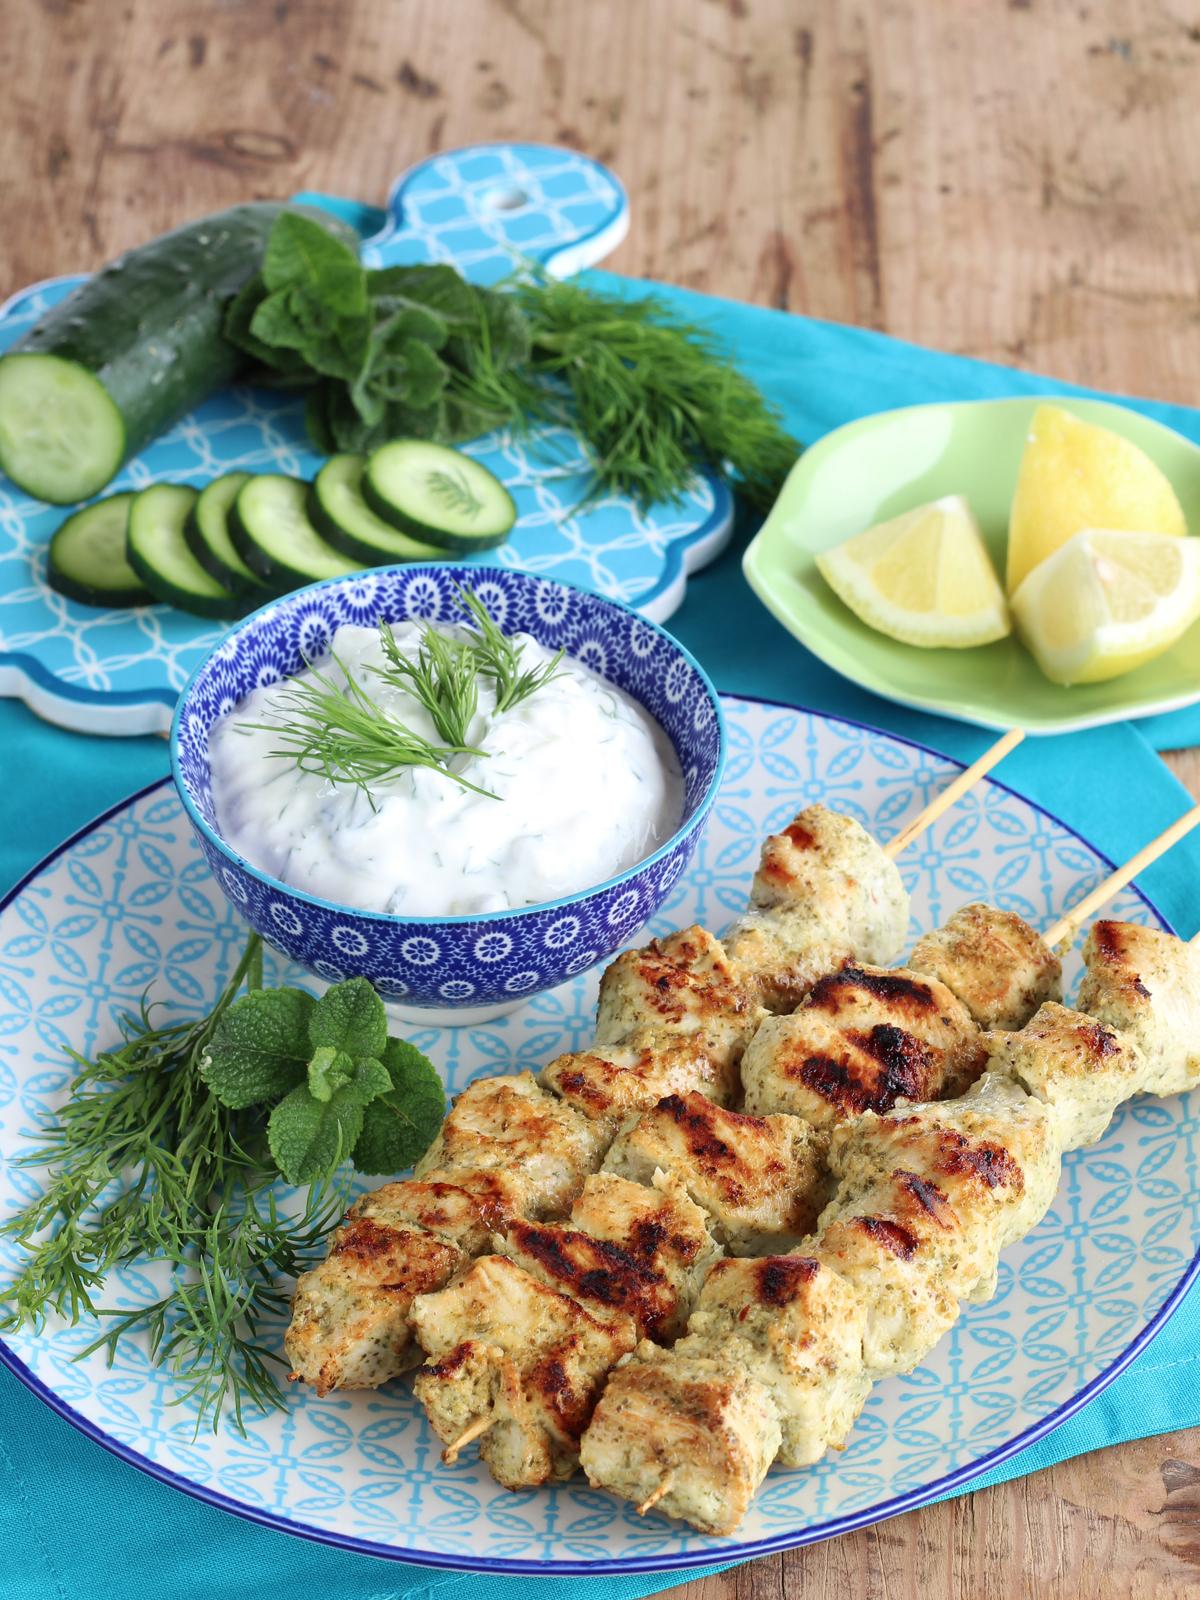 Tzatziki Ricetta Con Preparato.Souvlaki Di Pollo Con Salsa Tzatziki Profumo Di Limoni